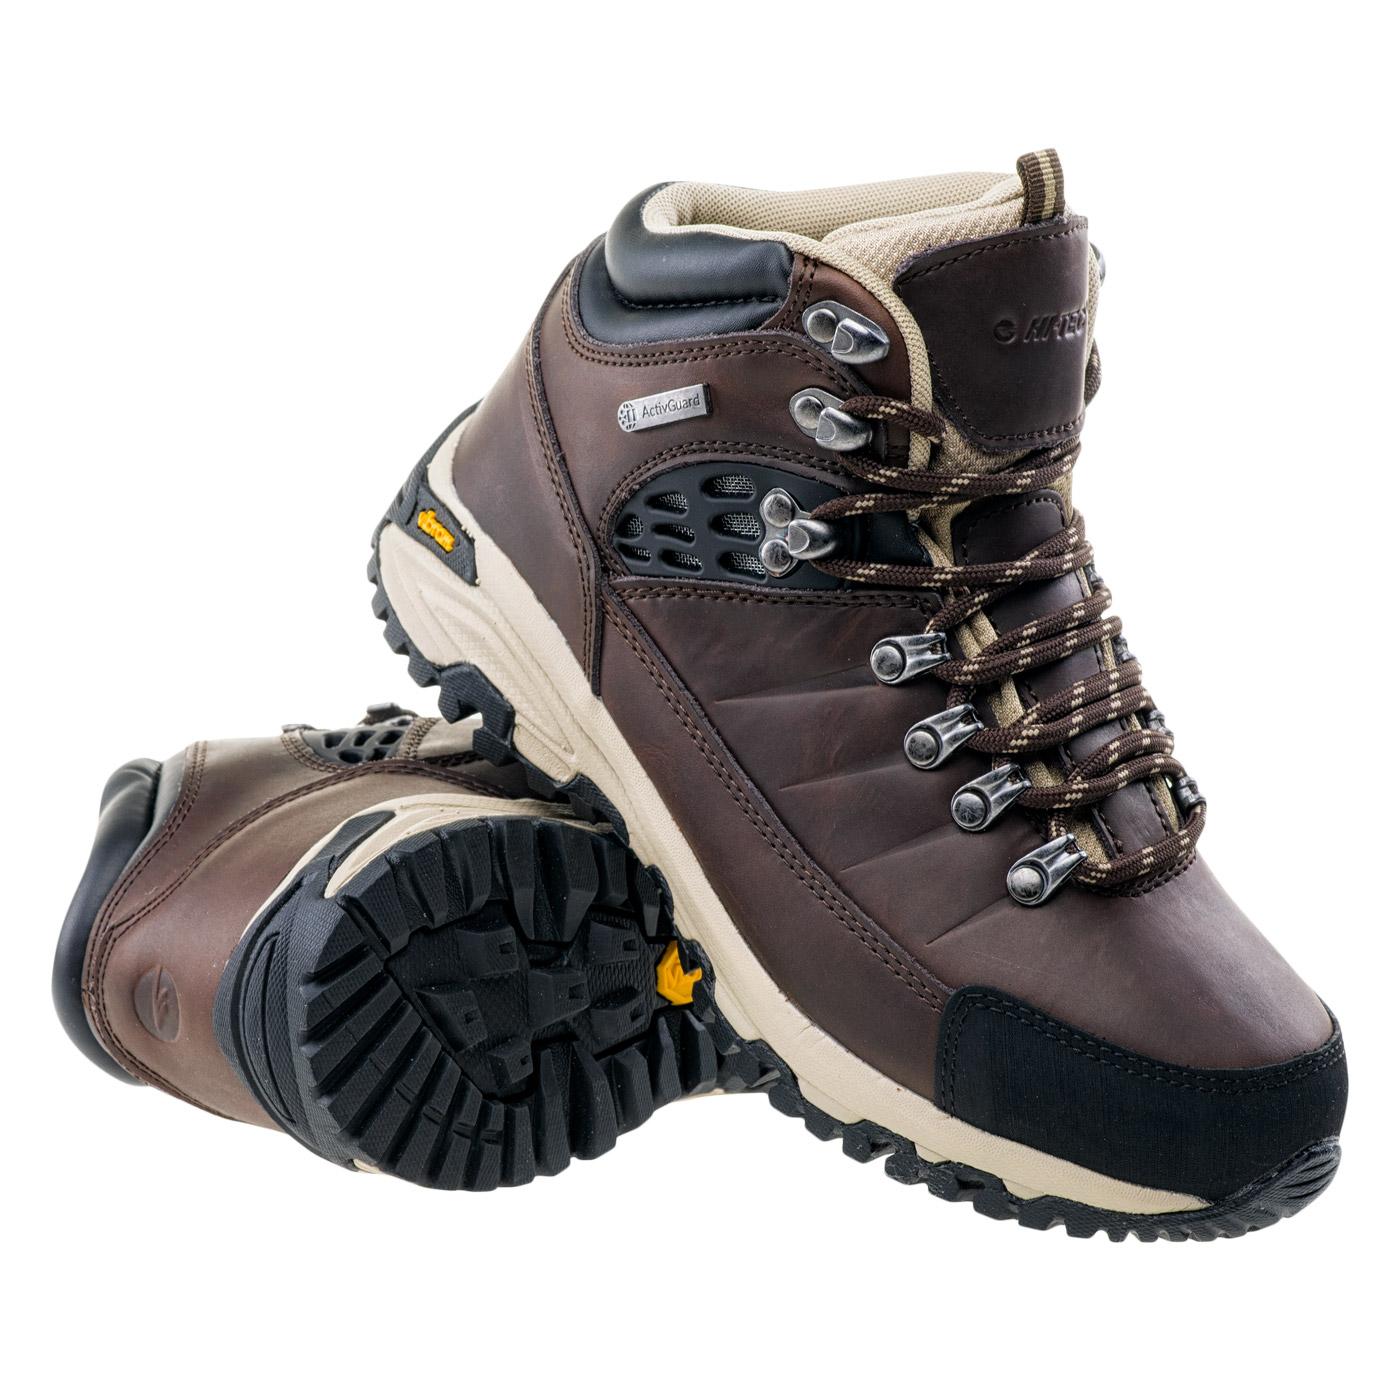 HI-TEC Lotse Mid WP Wo's - dámské turistické boty Barva: Hnědá-černá, Velikost: 36